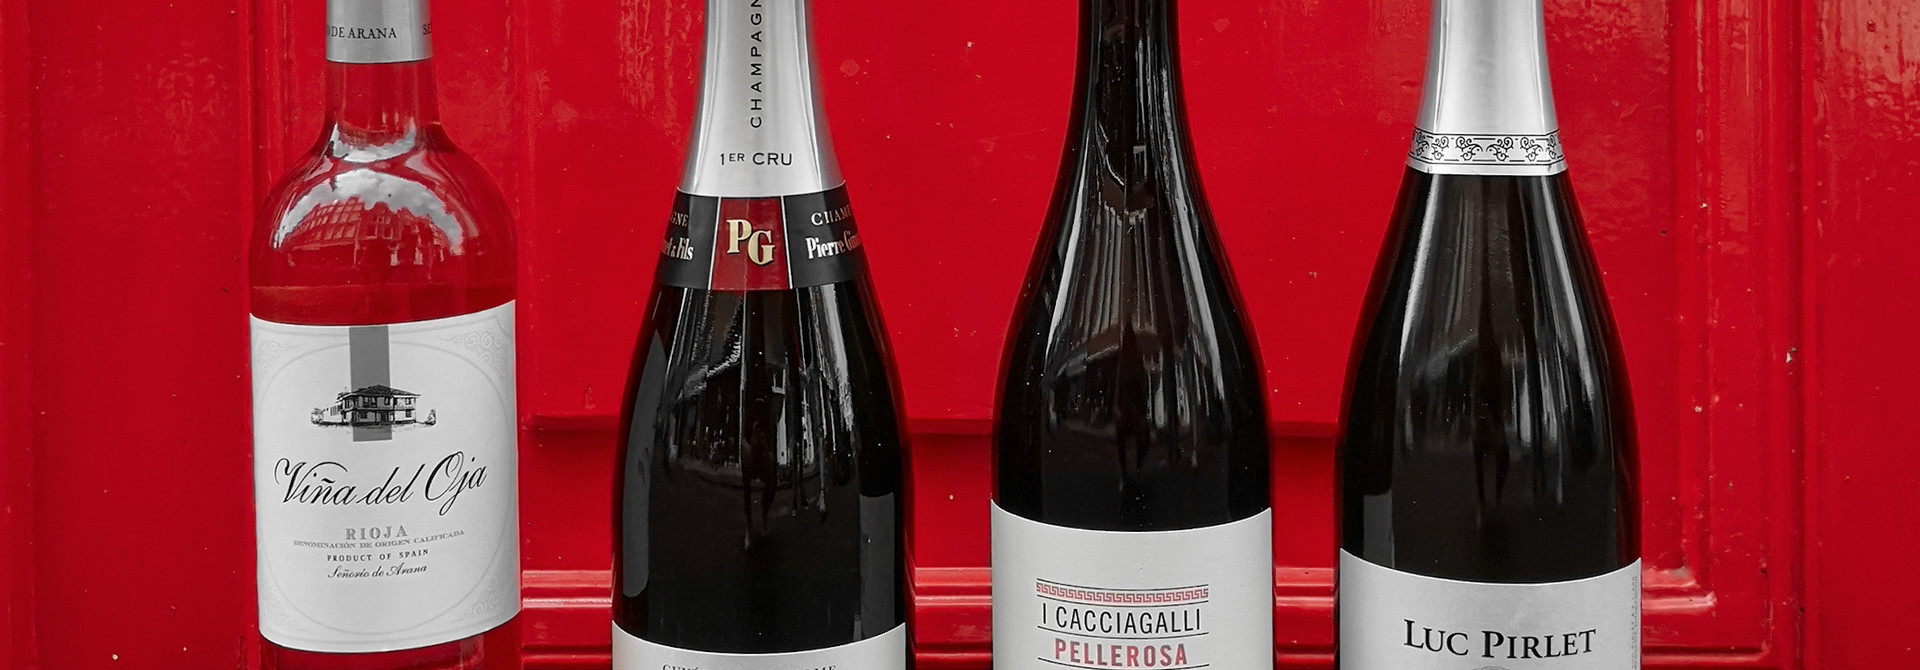 Canal Pride wijn selectie met 10% korting